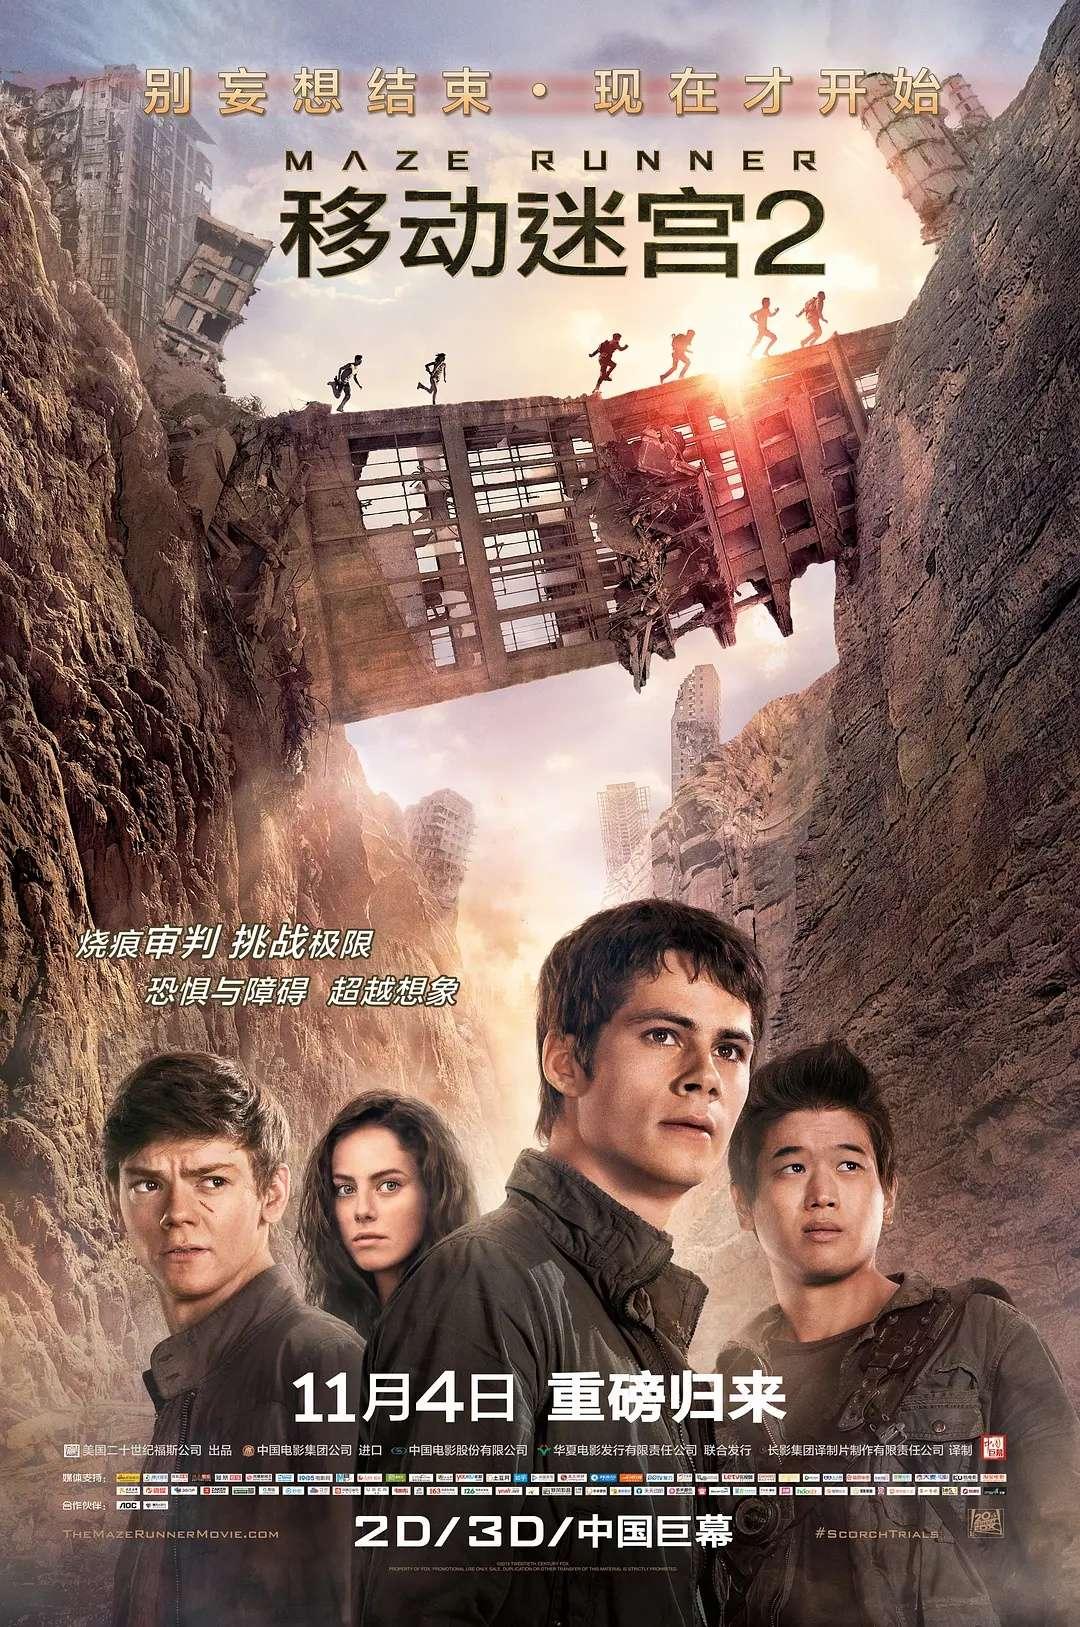 『电影推荐』-移动迷宫2:烧痕审判